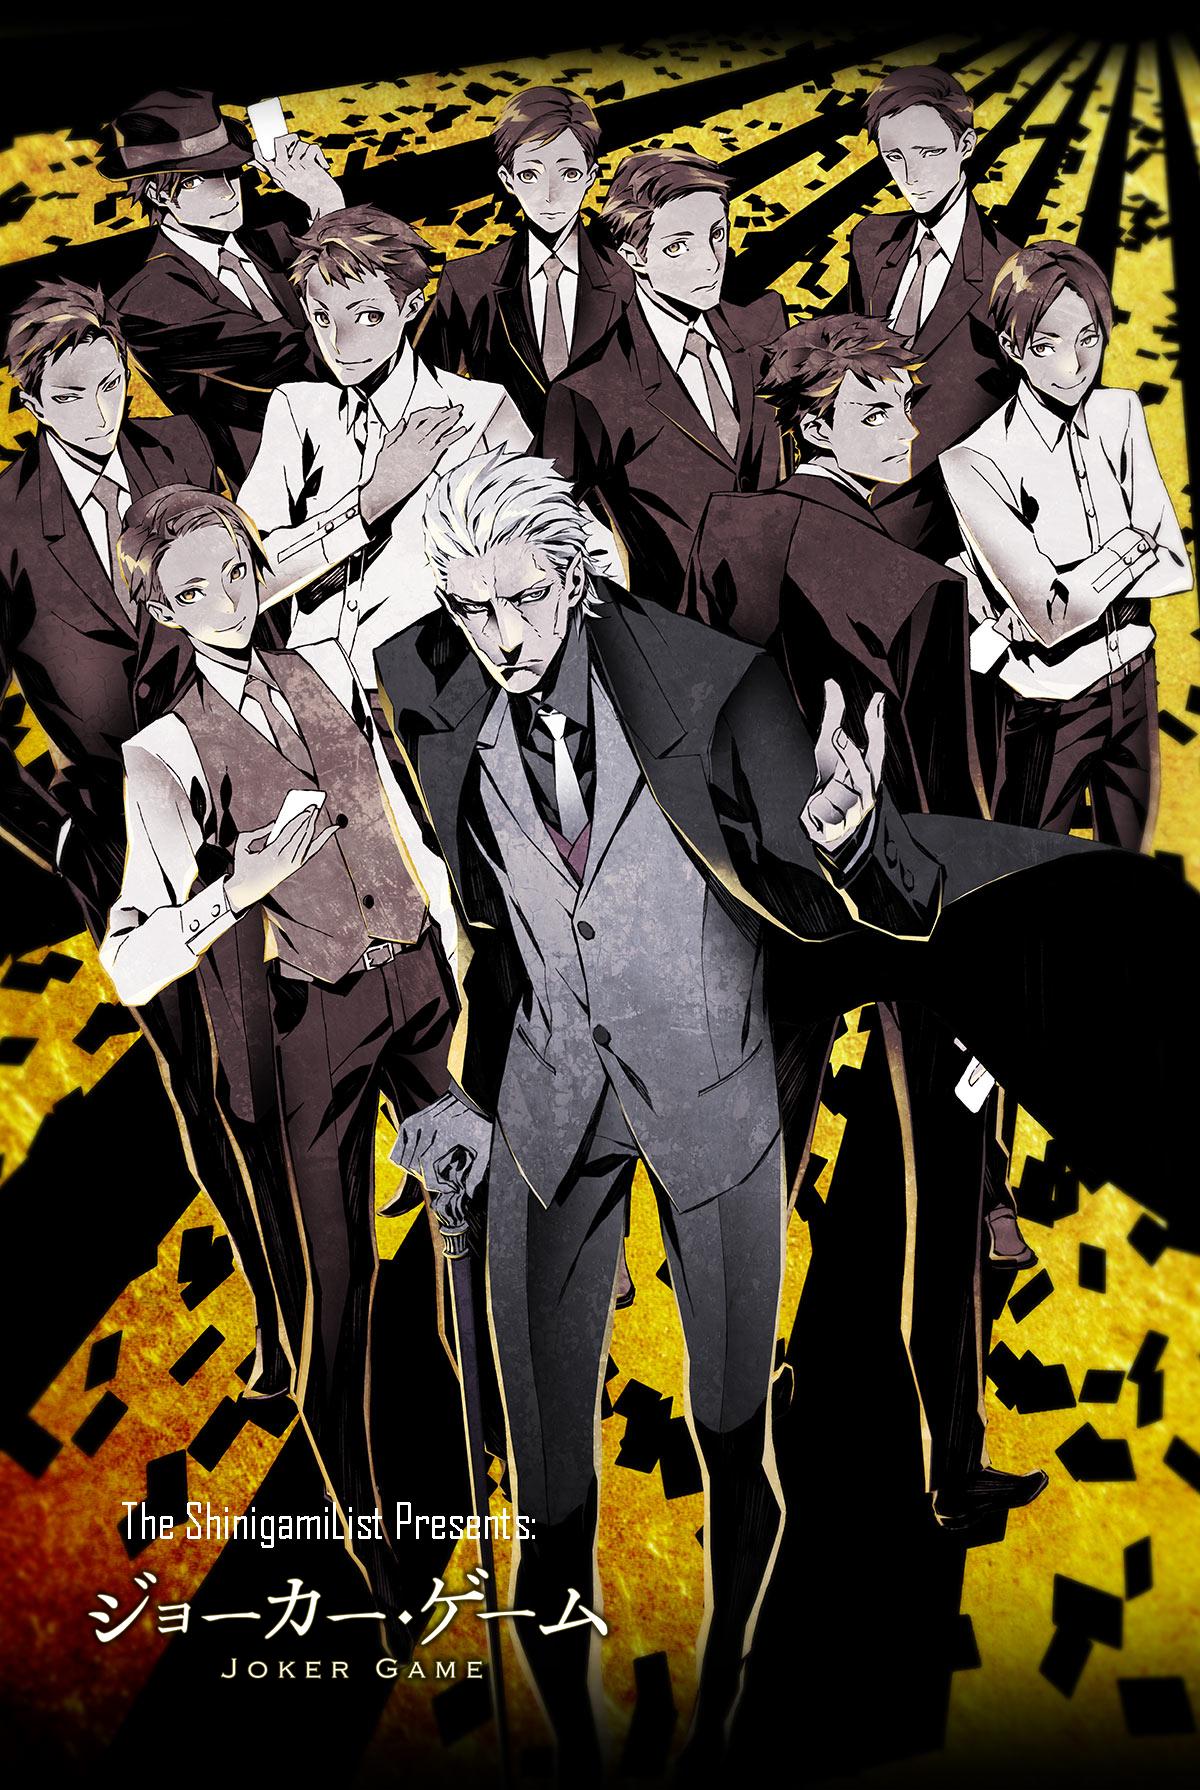 Joker game anime